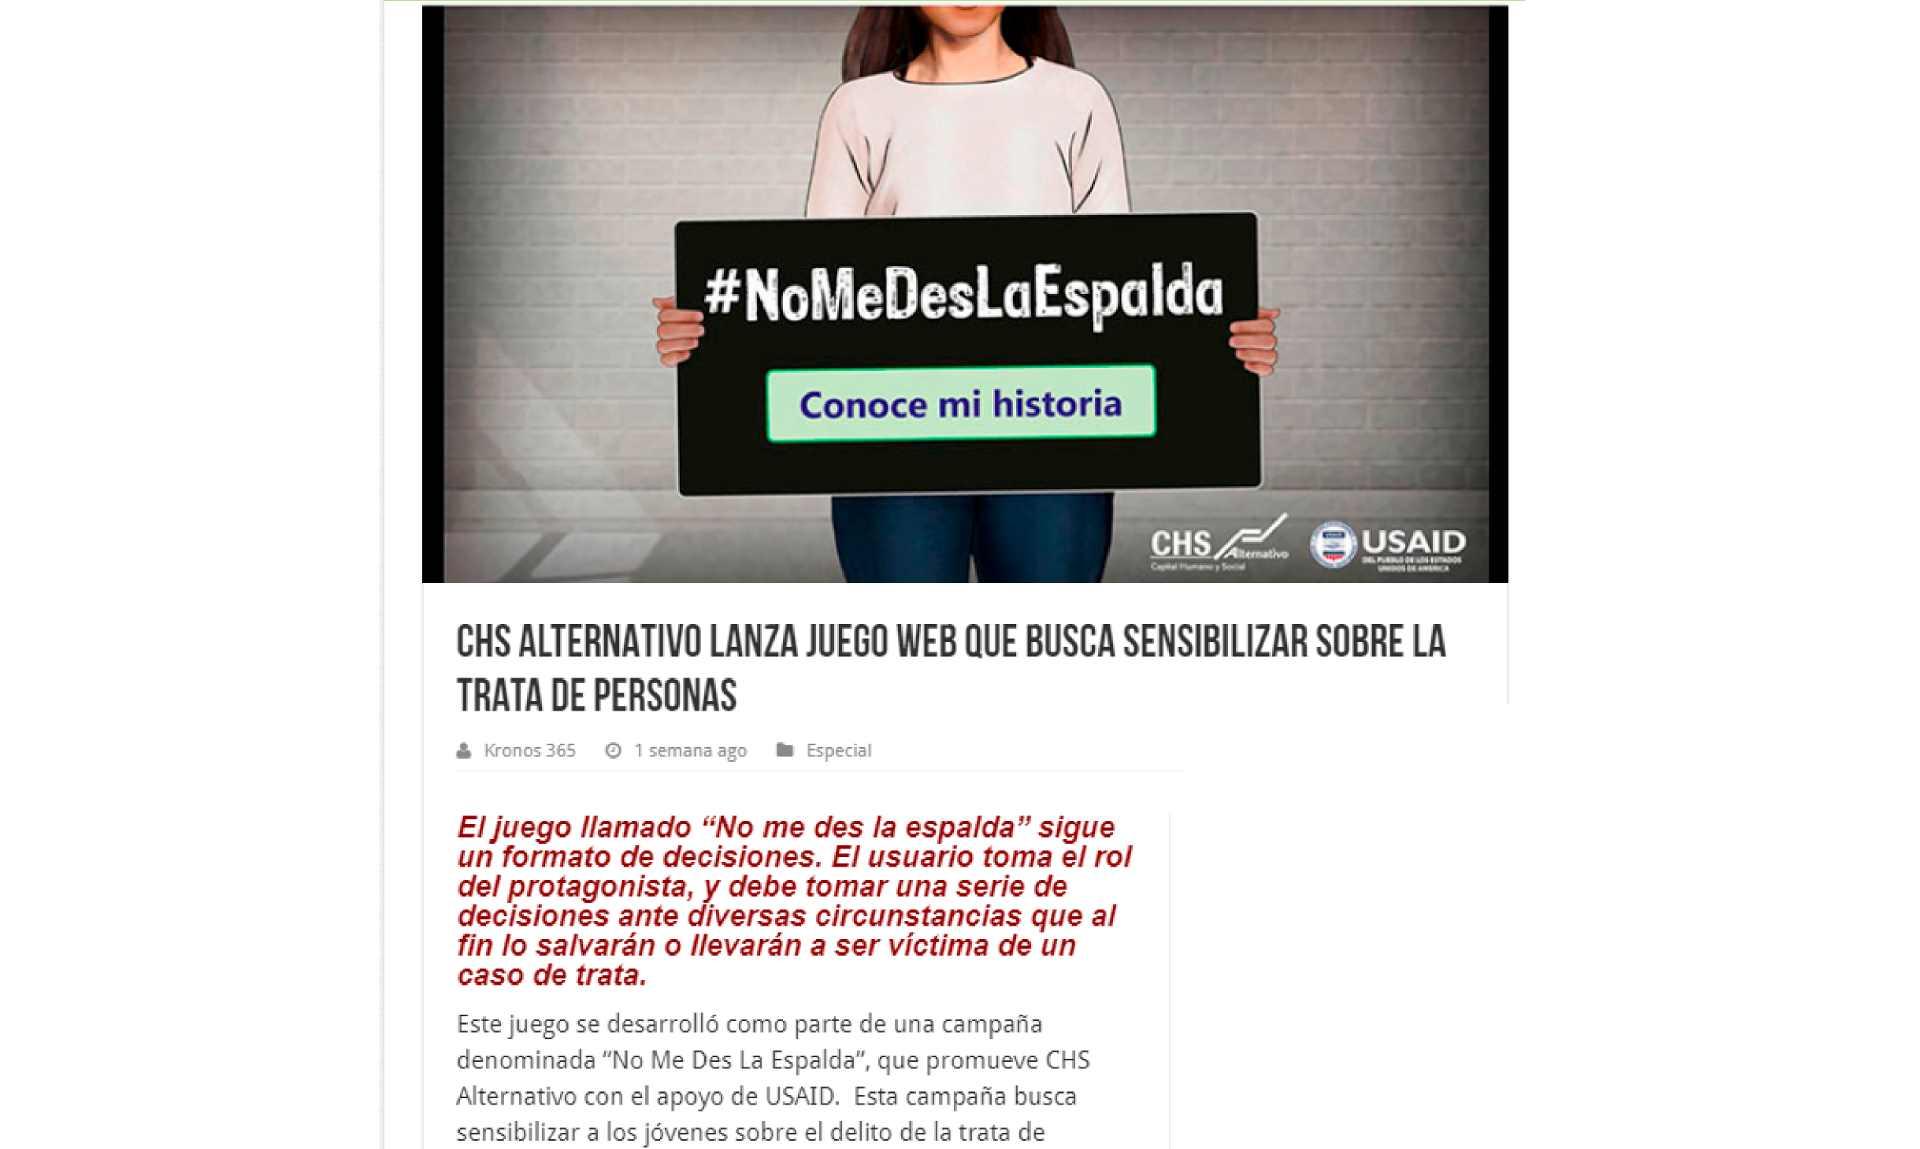 CHS Alternativo lanza juego web que busca sensibilizar sobre la trata de personas